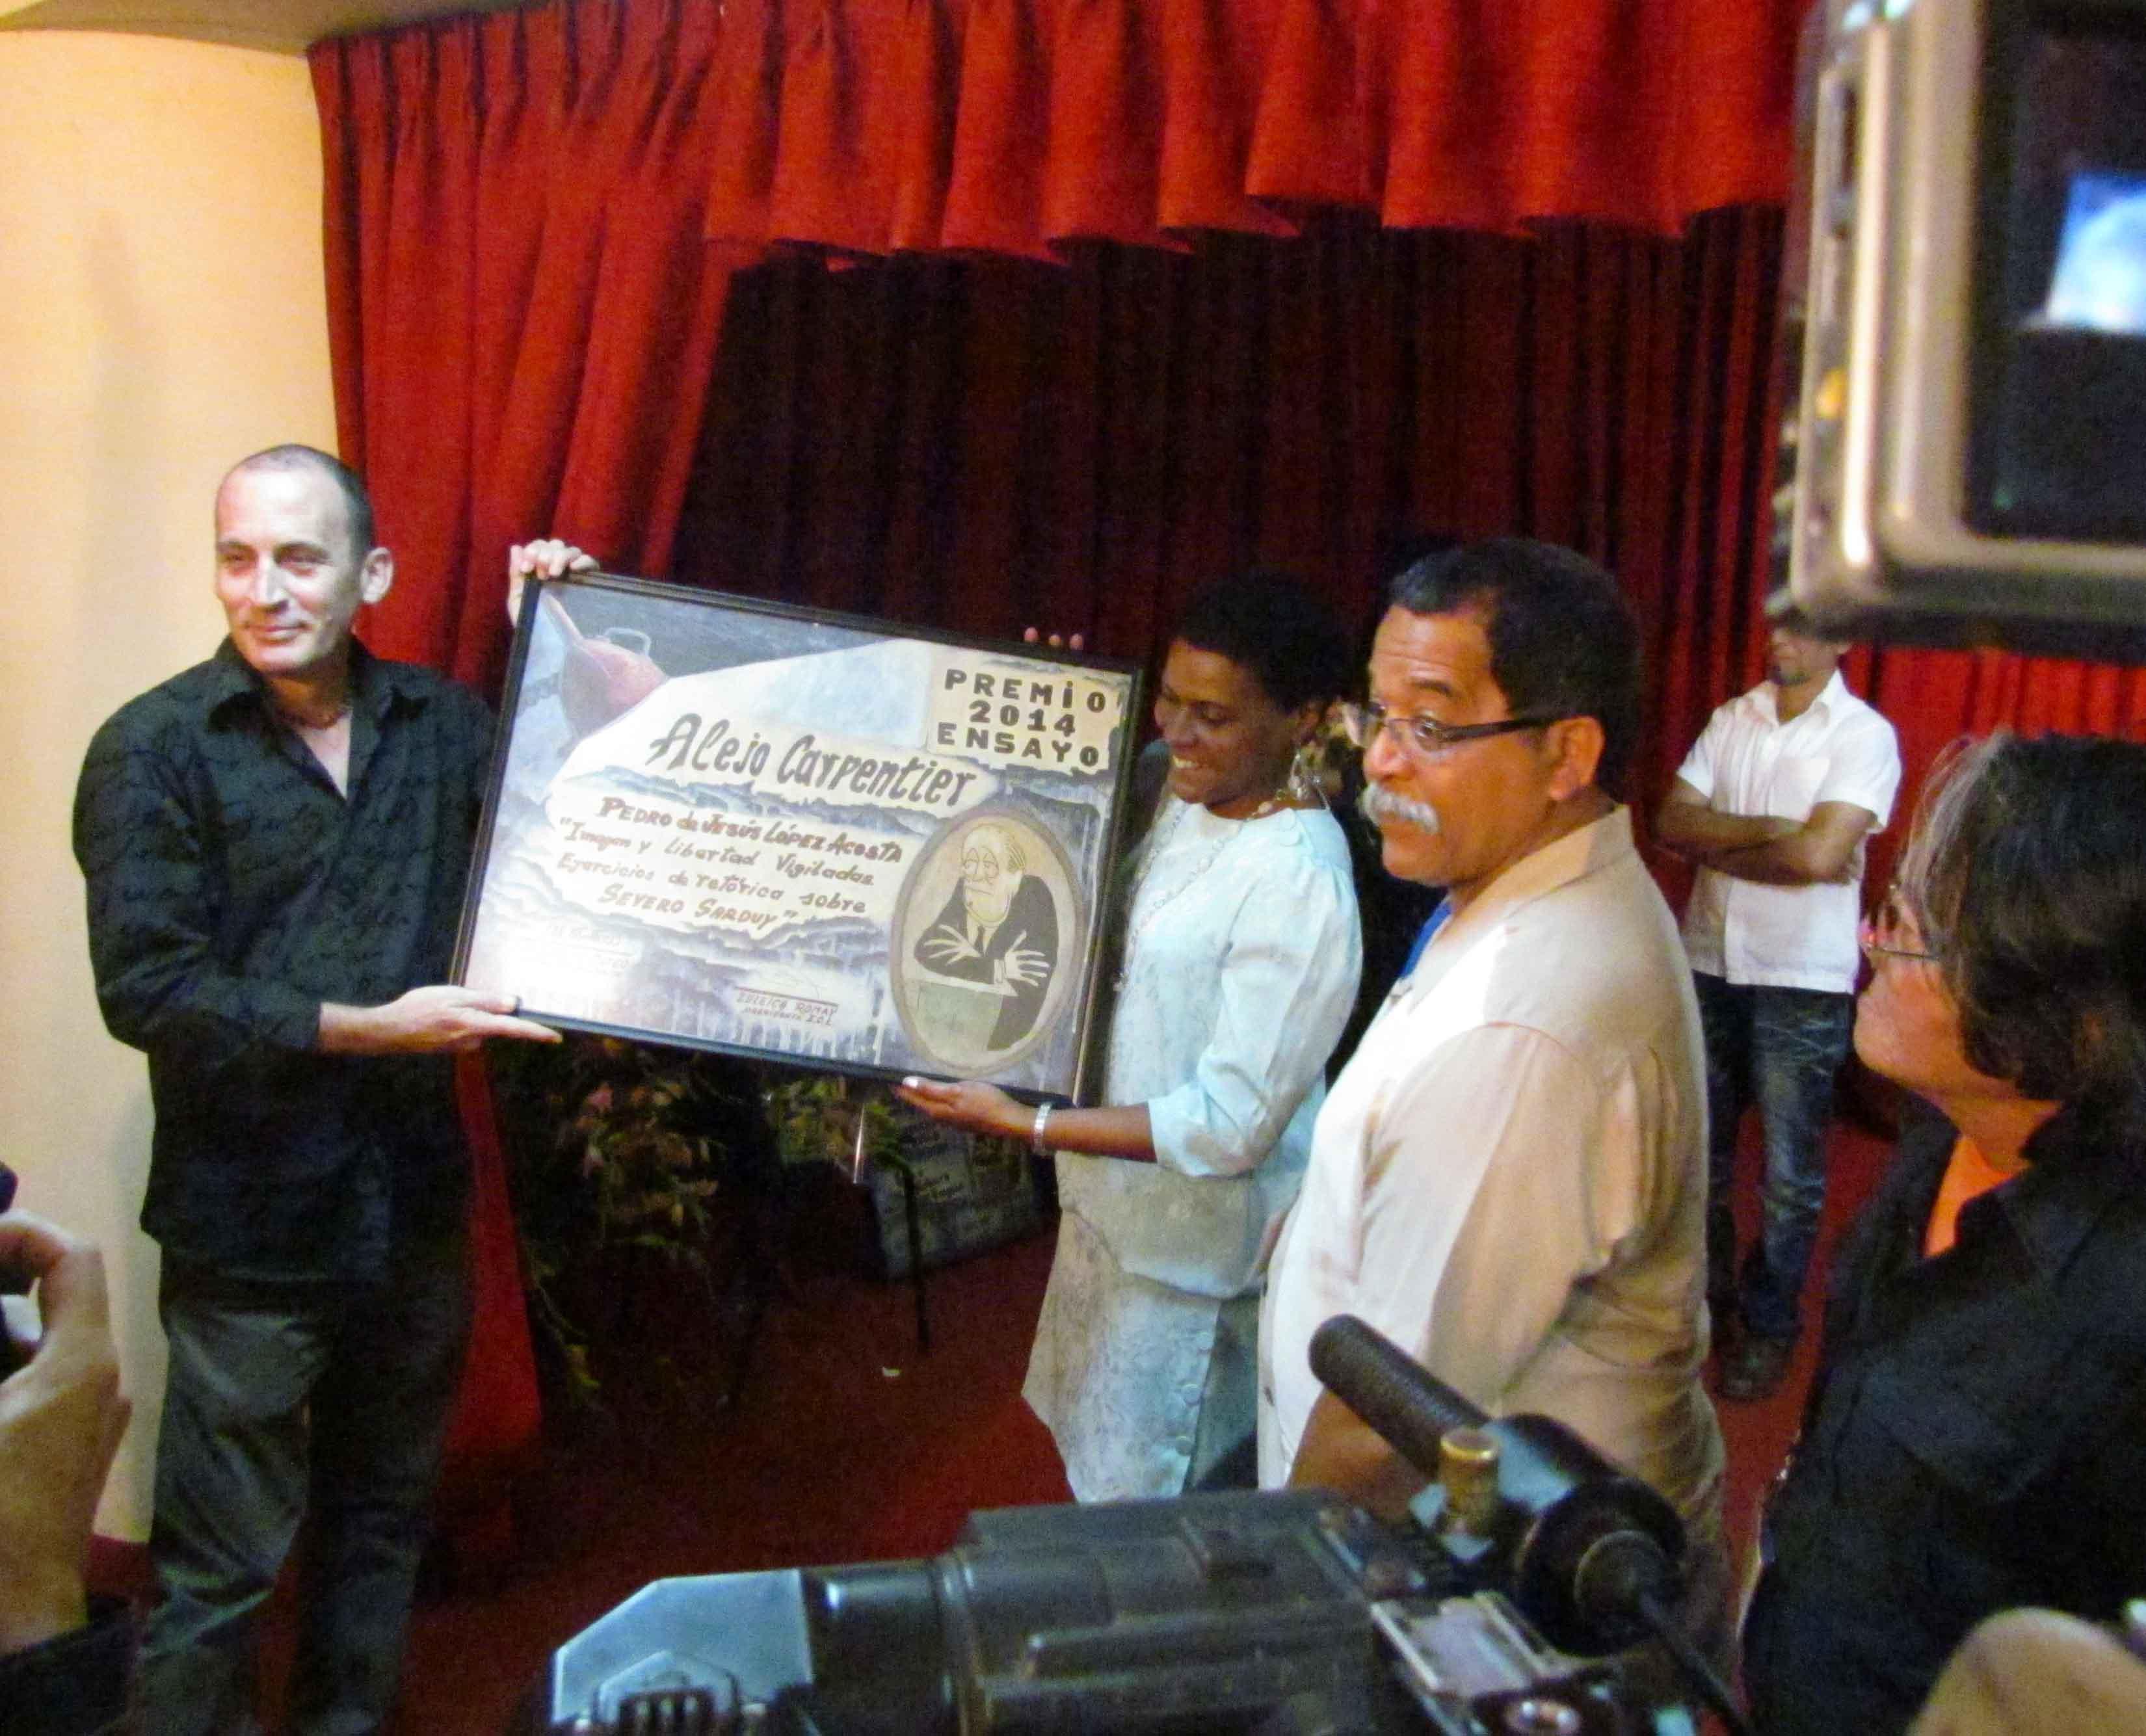 Pedro de Jesús recibió el Premio Alejo Carpentier de Ensayo 2014, por su libro Imagen y libertad vigilada: ejercicios de retórica sobre Severo Sarduy.